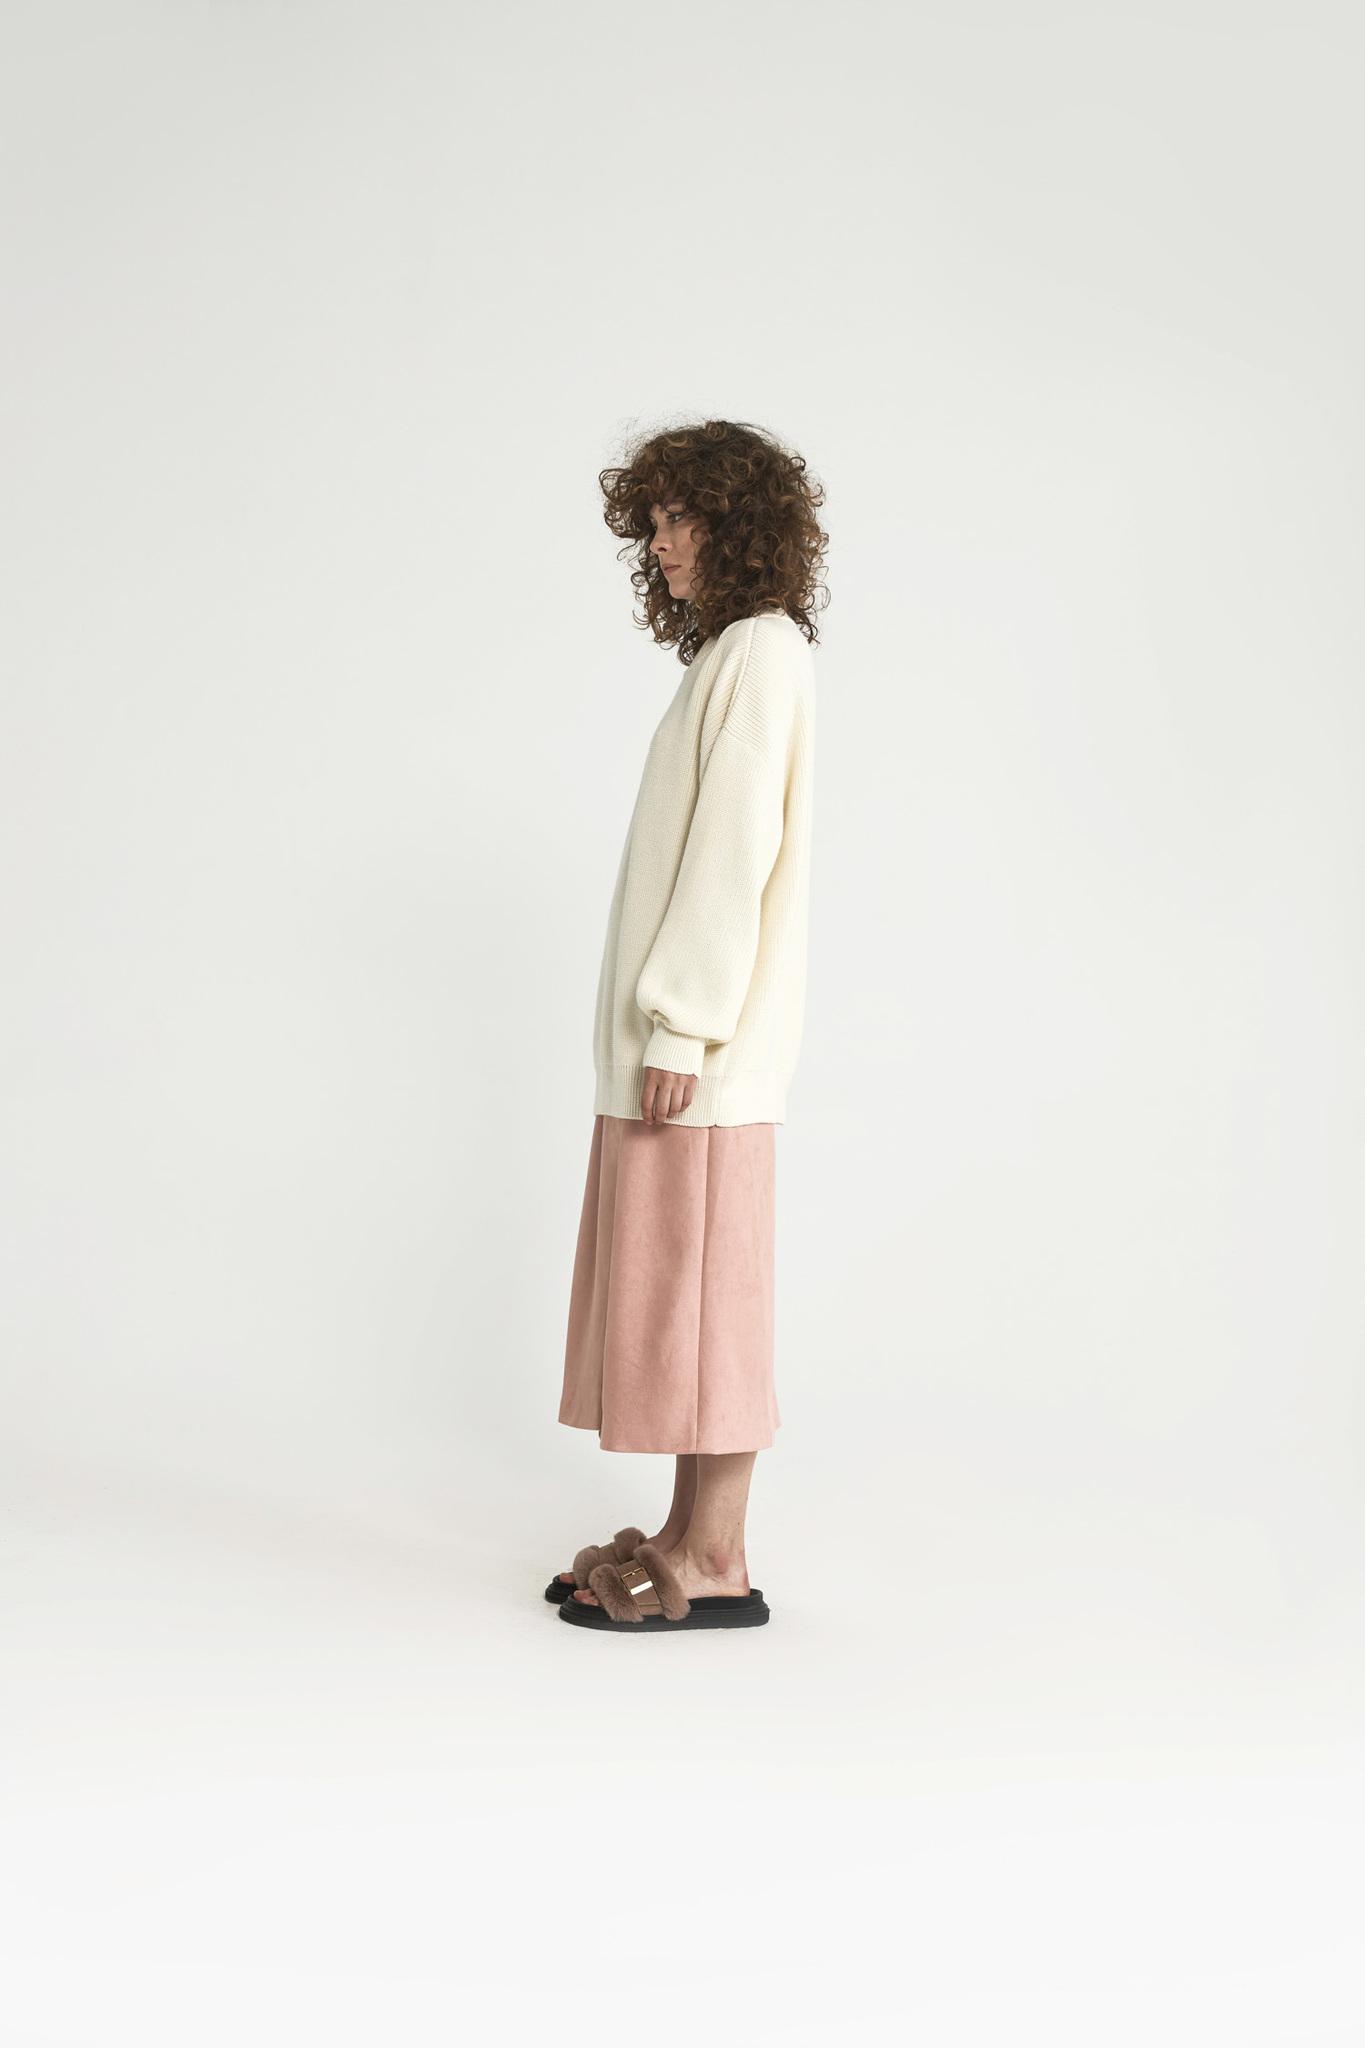 Юбка длинная на запах из искусственной замши, розовая пудра